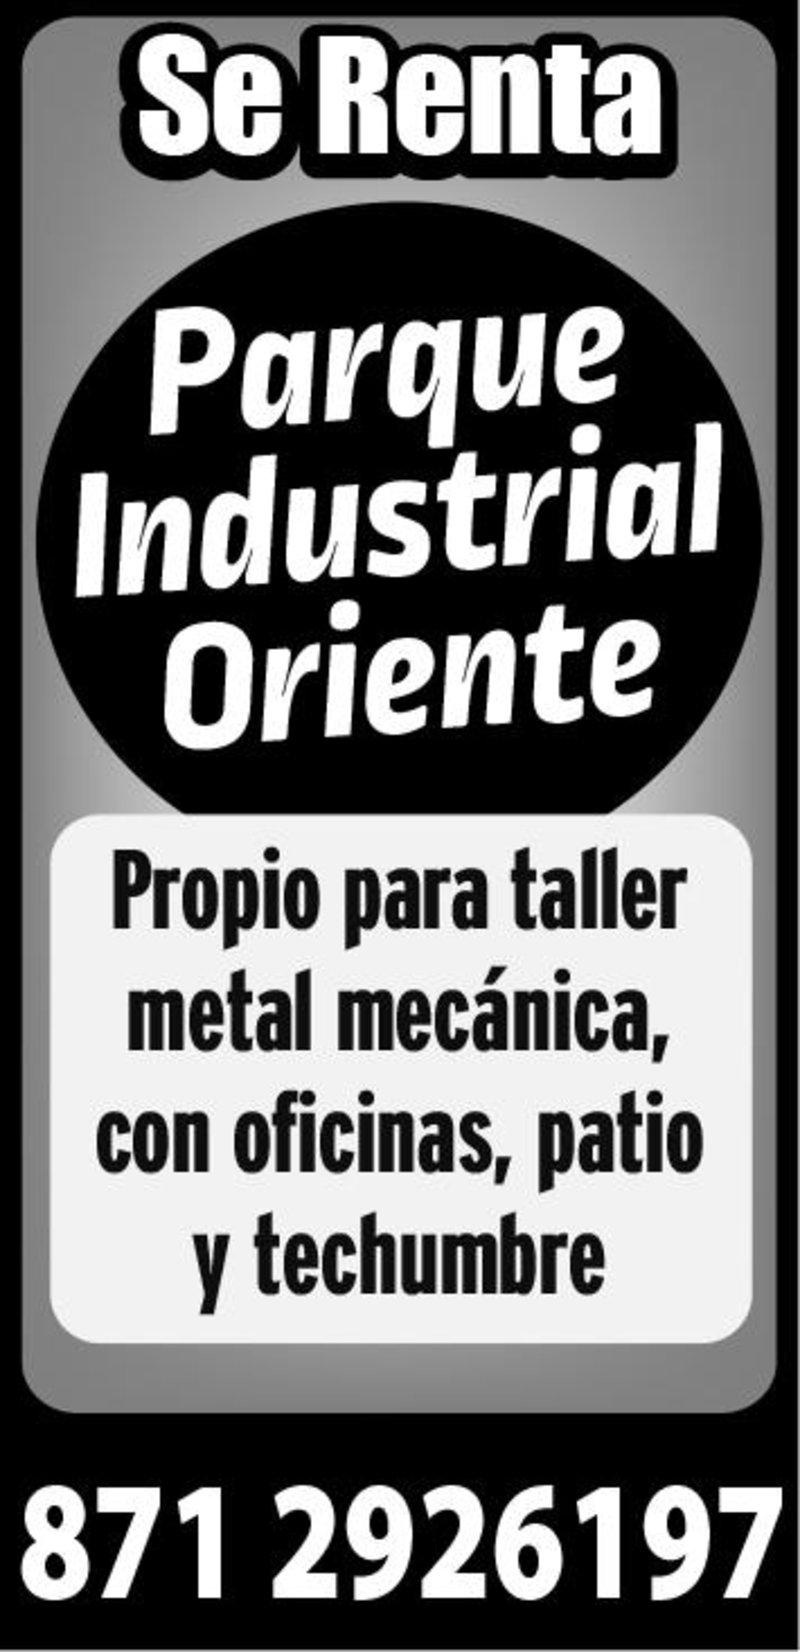 Parque industrial Oriente  Propio para taller metal mecánica, con oficinas, patio y techumbre 87-12-92-61-97